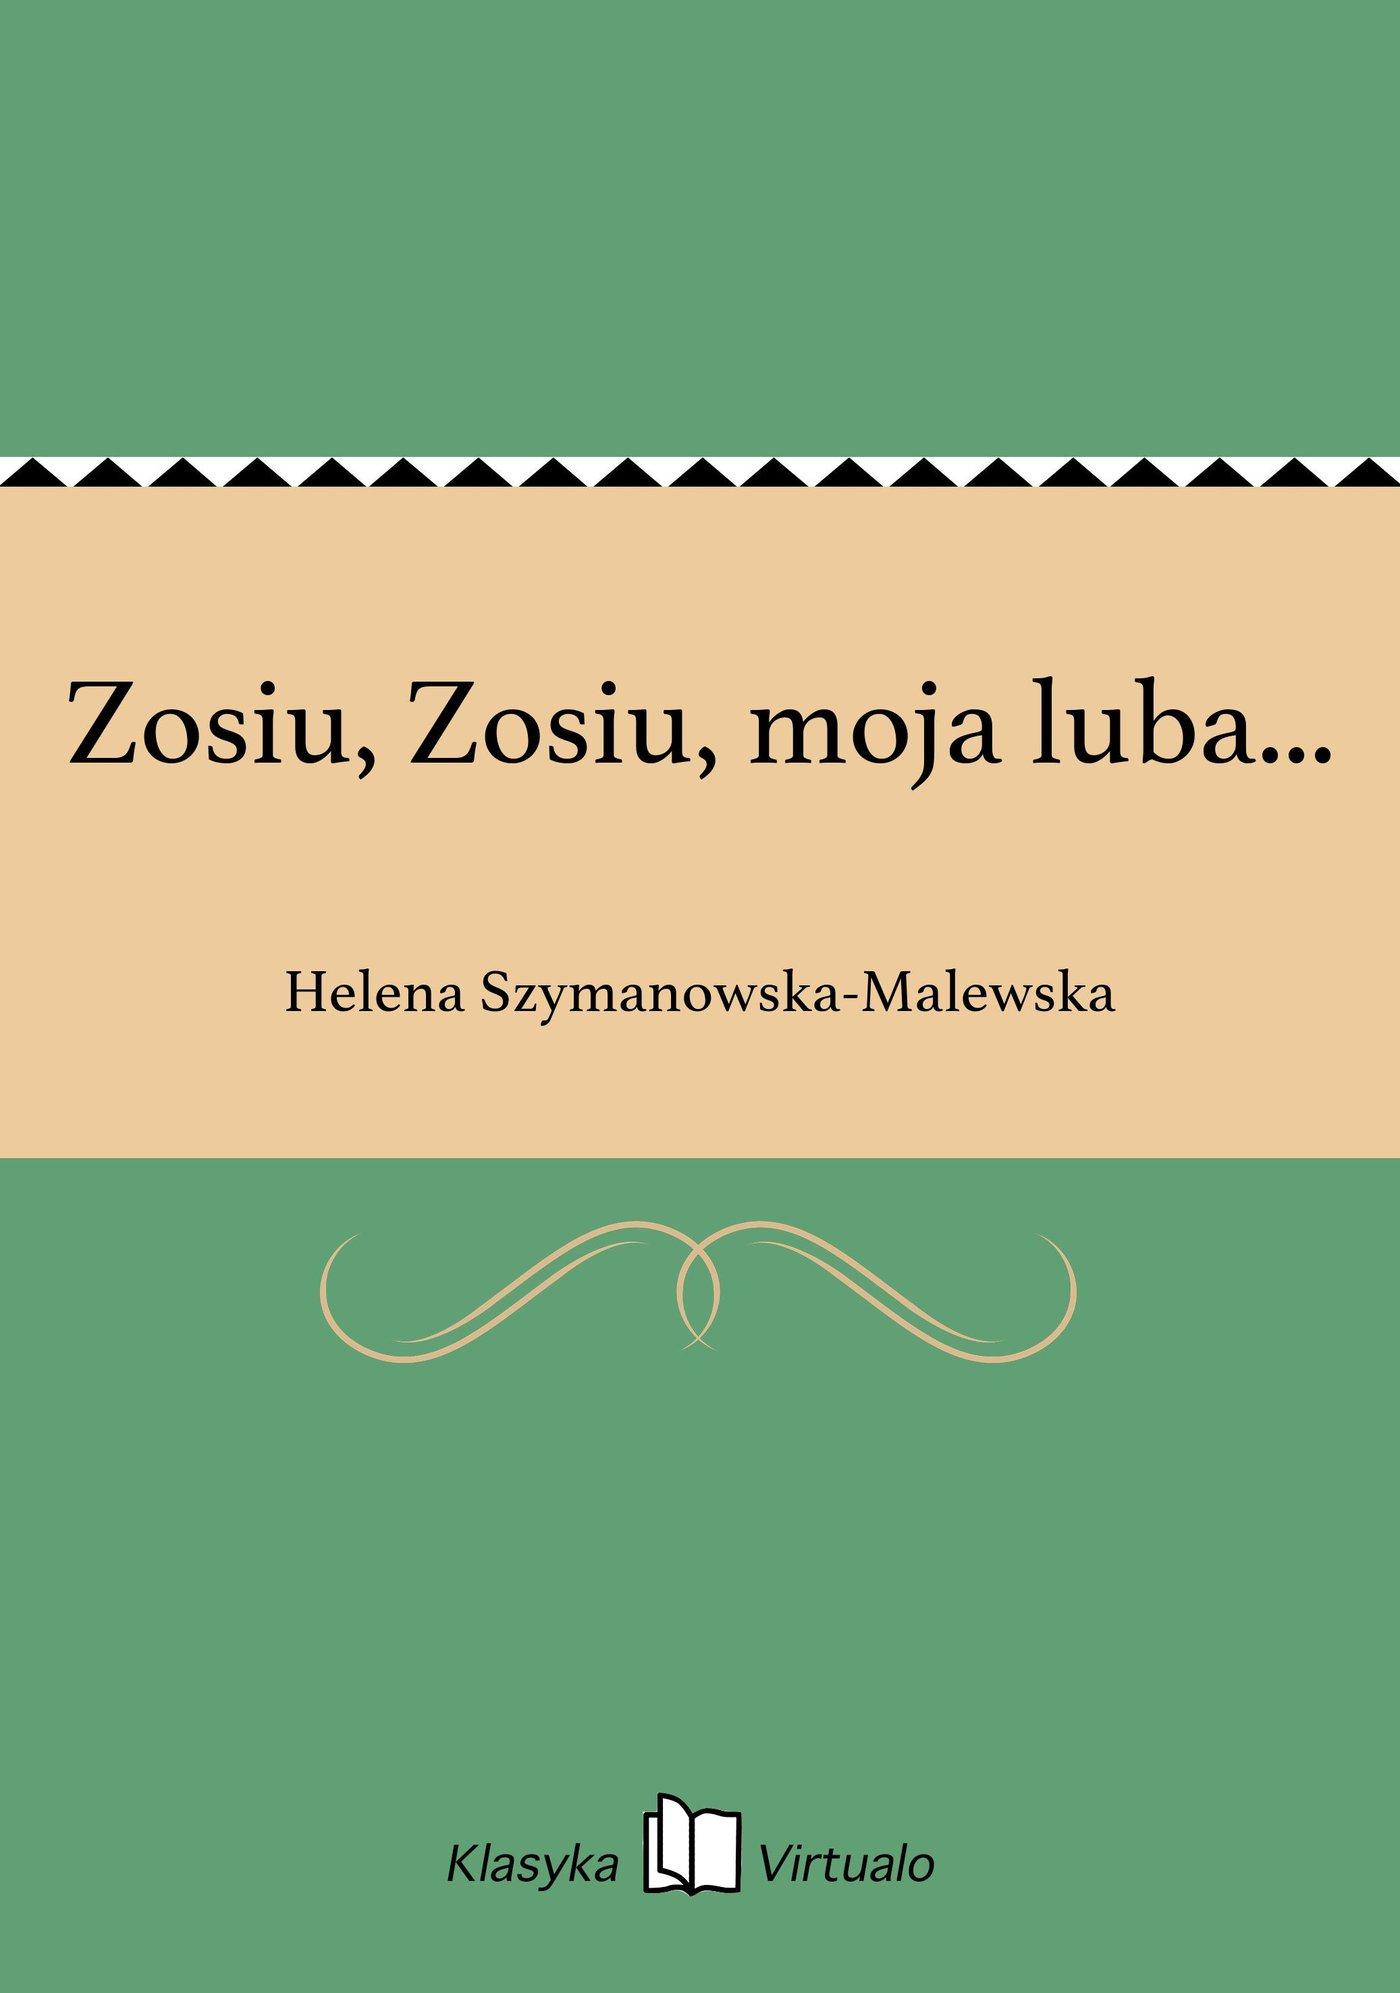 Zosiu, Zosiu, moja luba... - Ebook (Książka EPUB) do pobrania w formacie EPUB